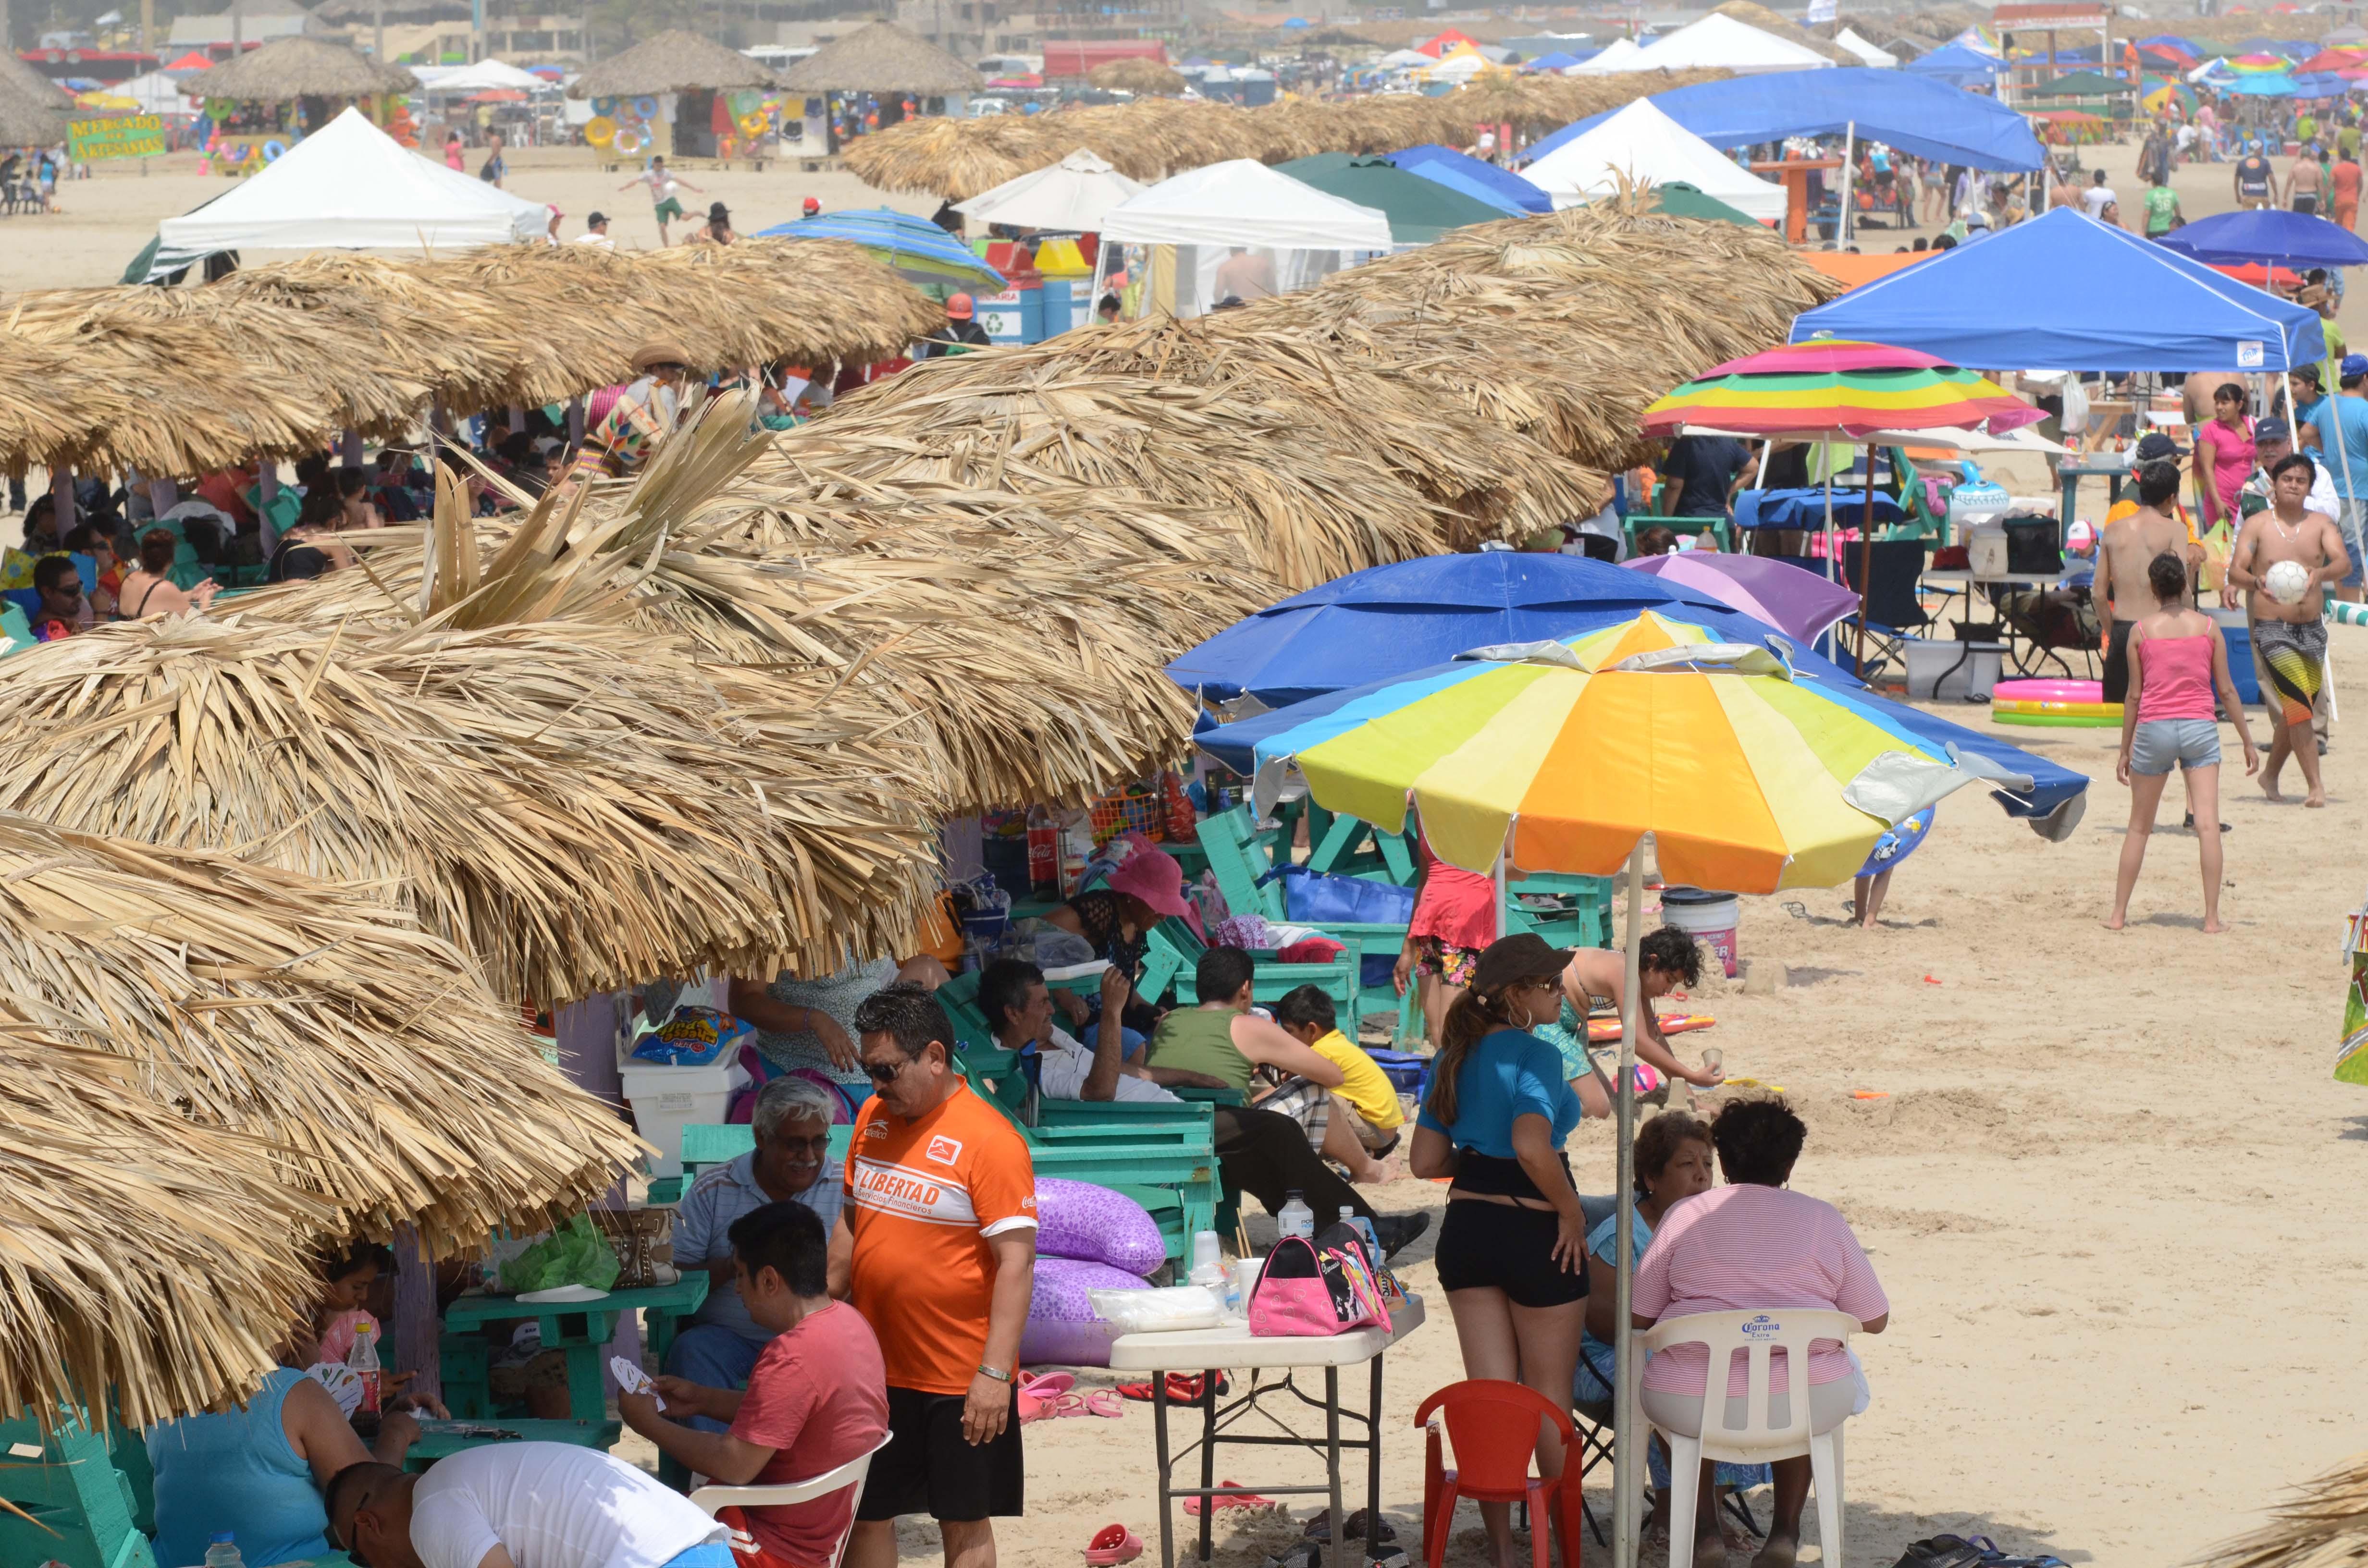 Marejada afecta a trabajadores del turismo en Costa Esmeralda